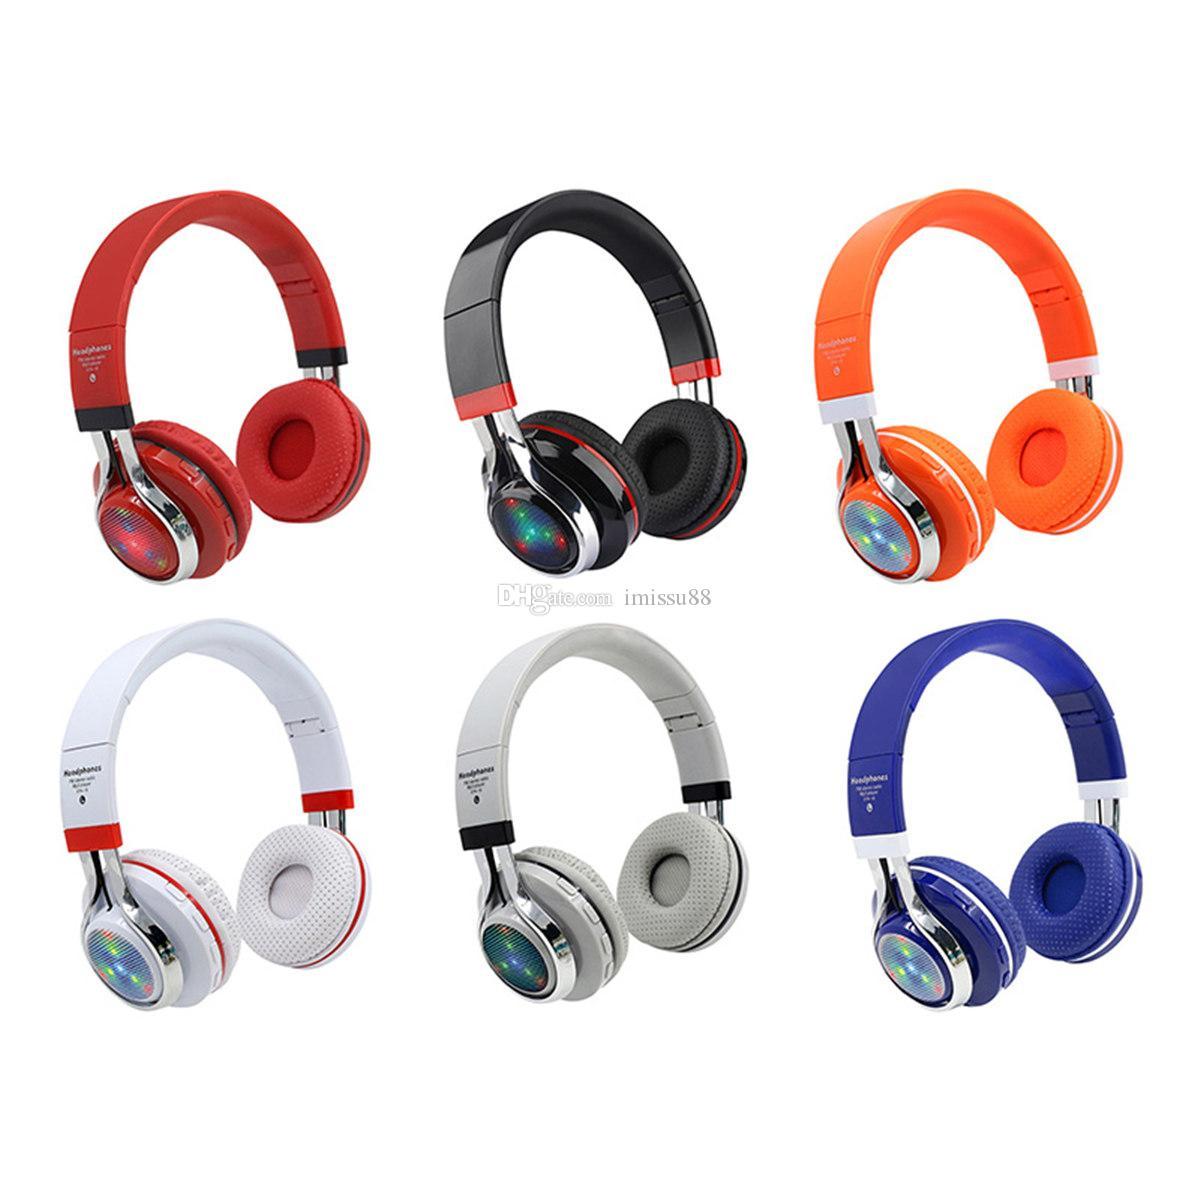 38e919d374d Compre Luz LED STN 18 Auriculares Bluetooth Auriculares Plegables Estéreo  Inalámbricos Que Brillan Intensamente Auriculares Inalámbricos De Música Con  ...